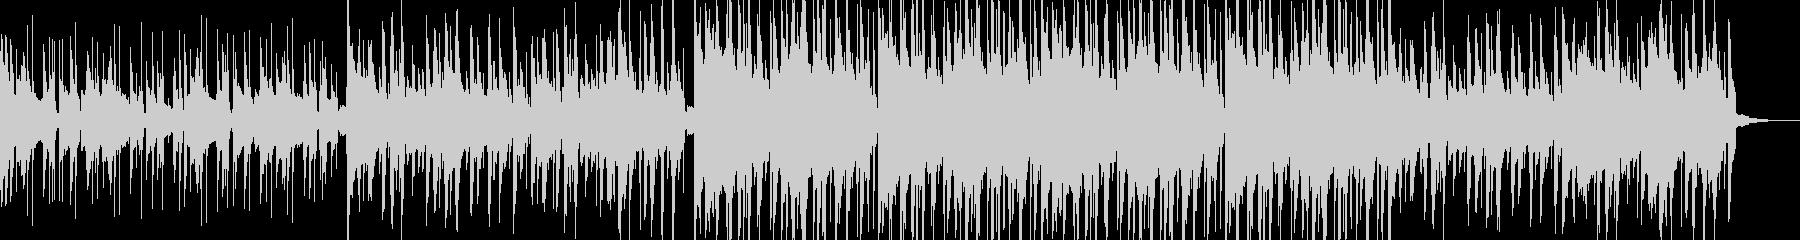 哀愁あるLo-Fi HipHopの未再生の波形